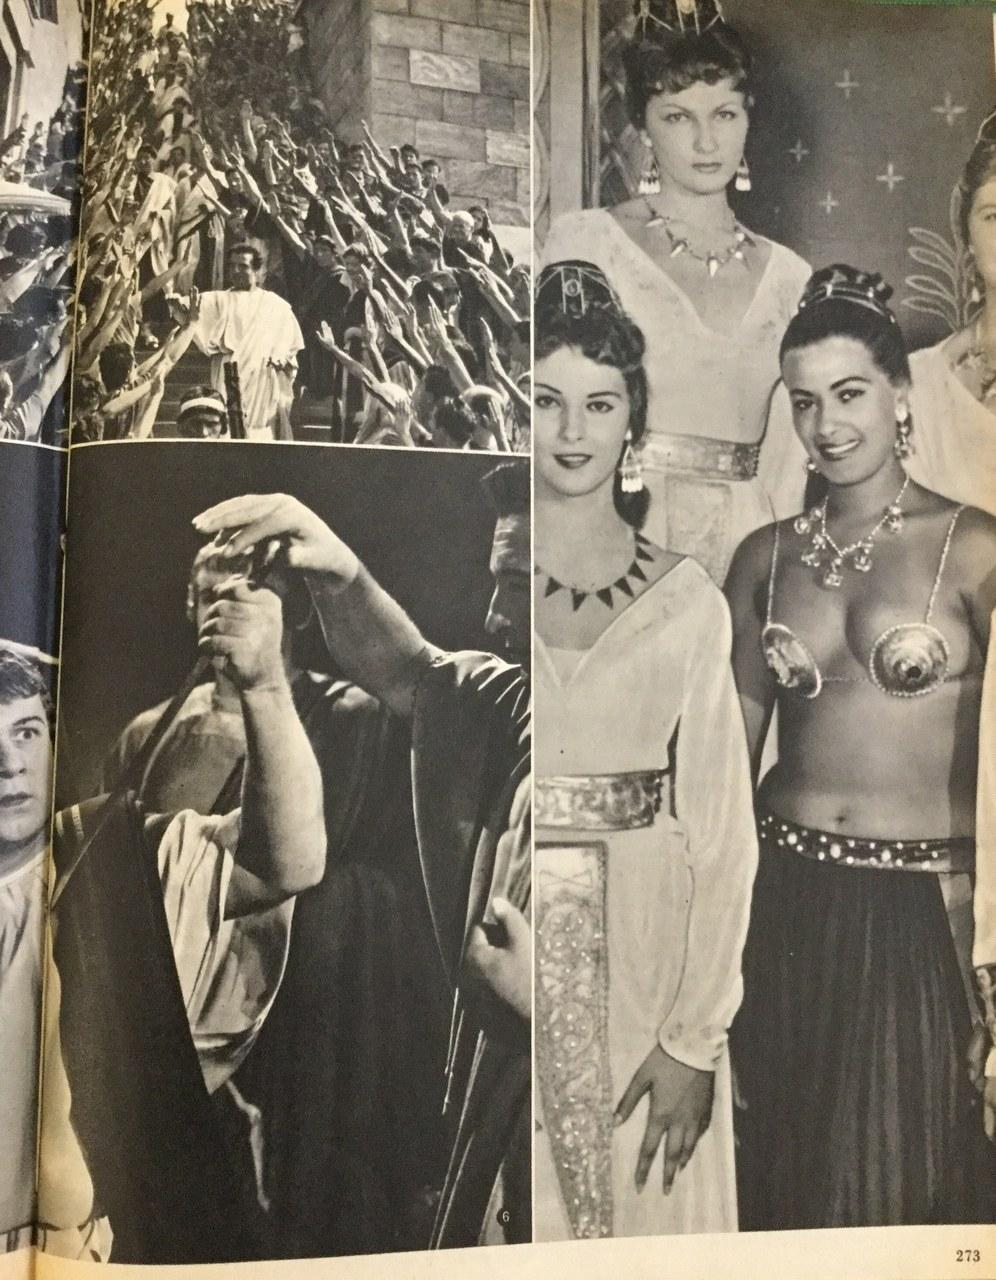 «Gruppo di famiglia in una pausa di Teodora imperatrice di Bisanzio», recita la didascalia a corredo dell'immagine a destra (Cinema nuovo, 22, novembre 1953)